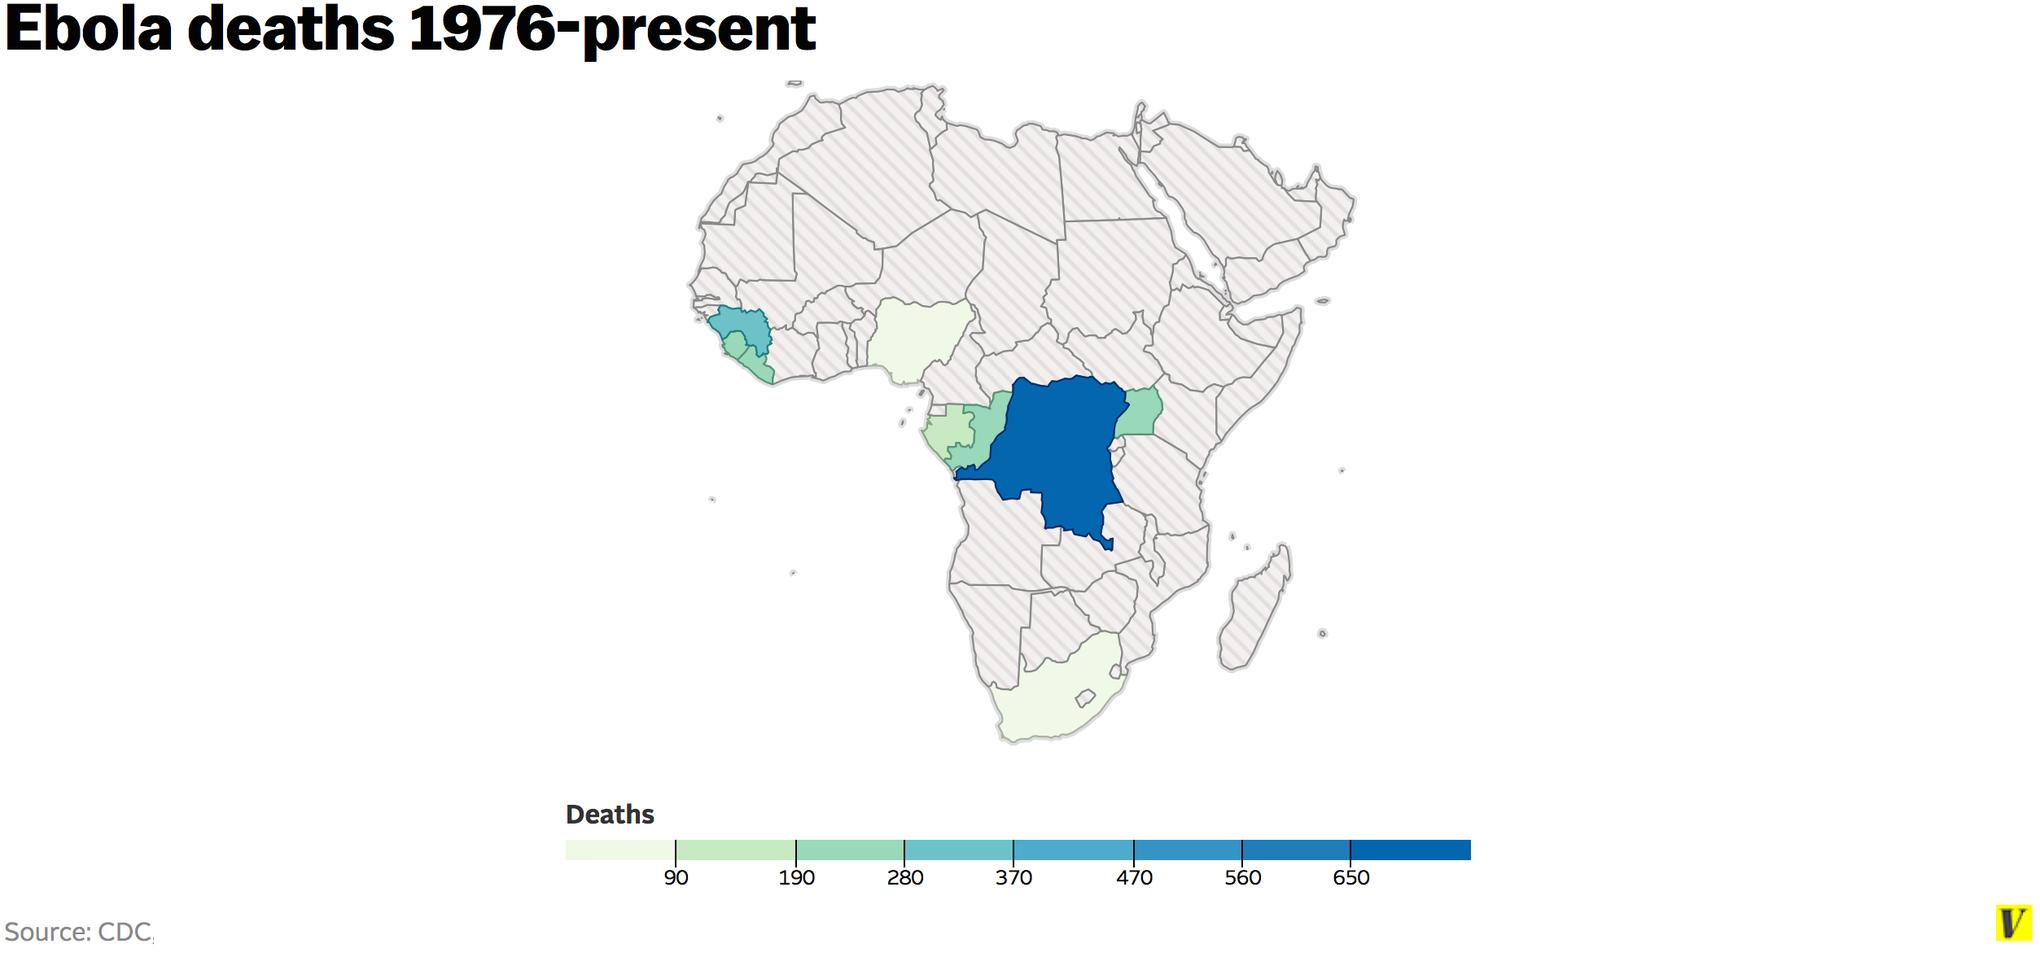 Ebola_deaths_map_-jpg